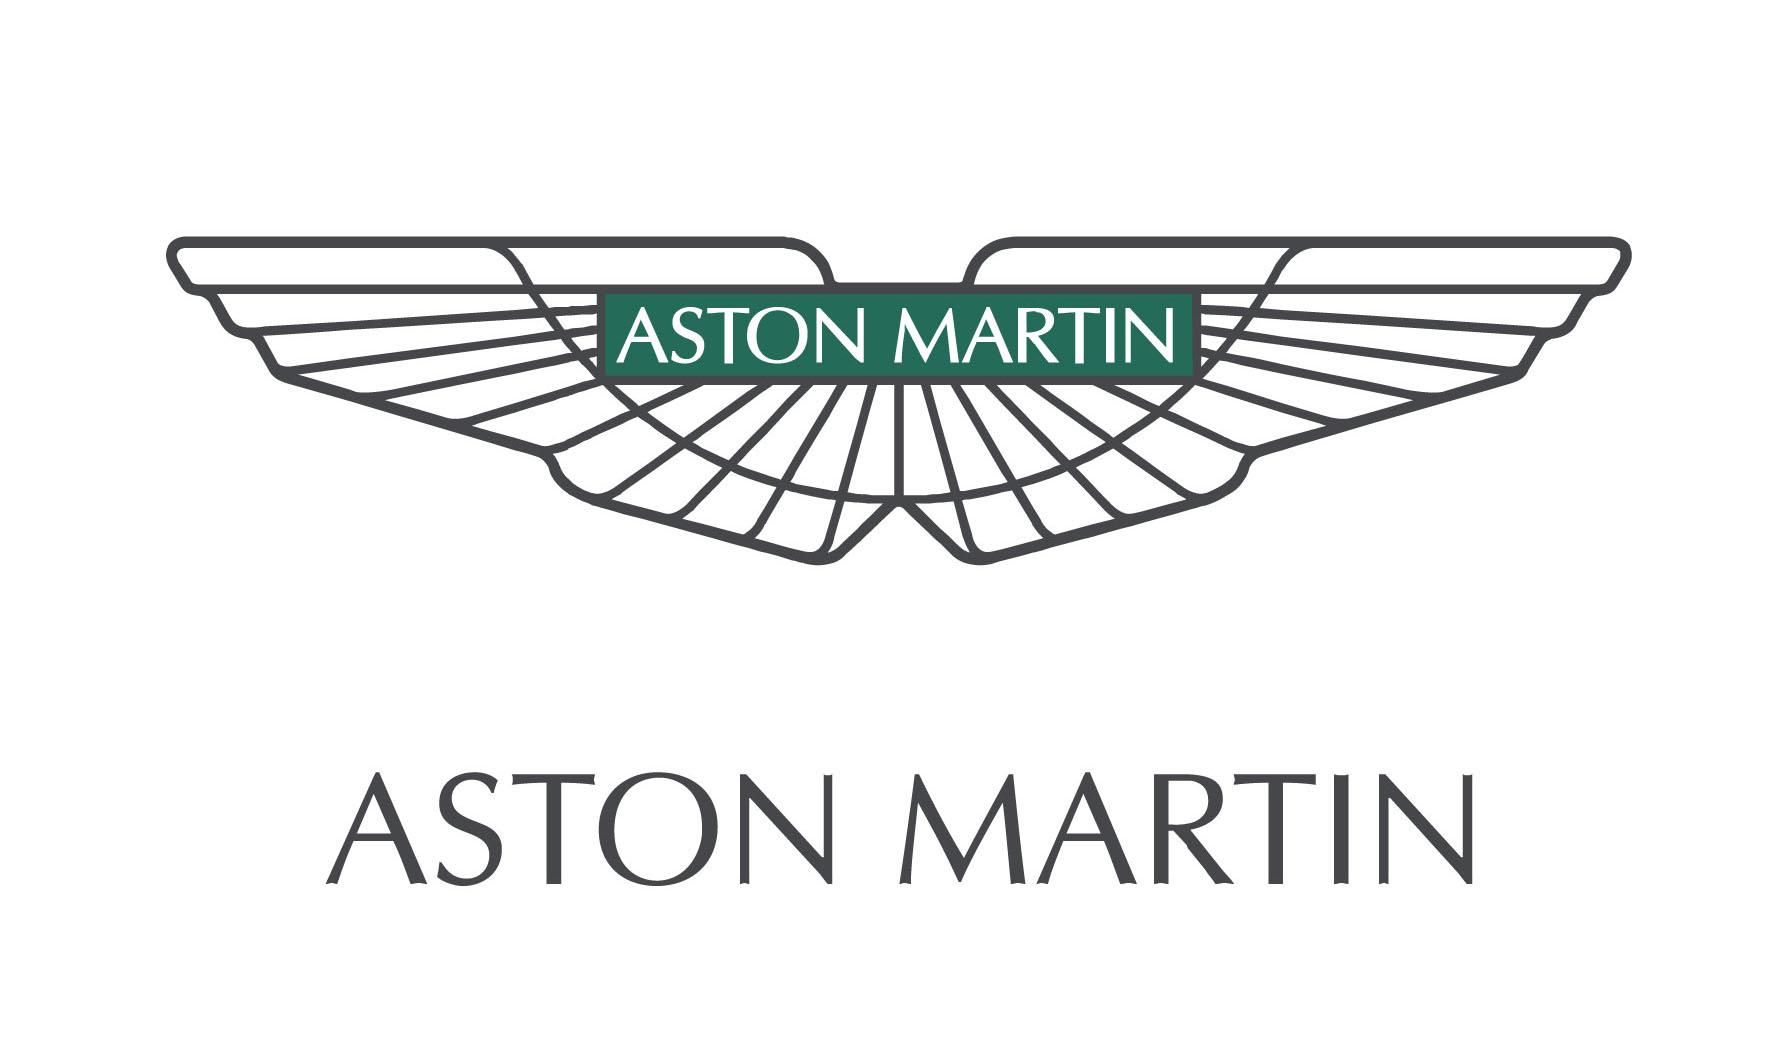 Datei 13 Aston Martin Logo Jpg Bs Wiki Wissen Teilen